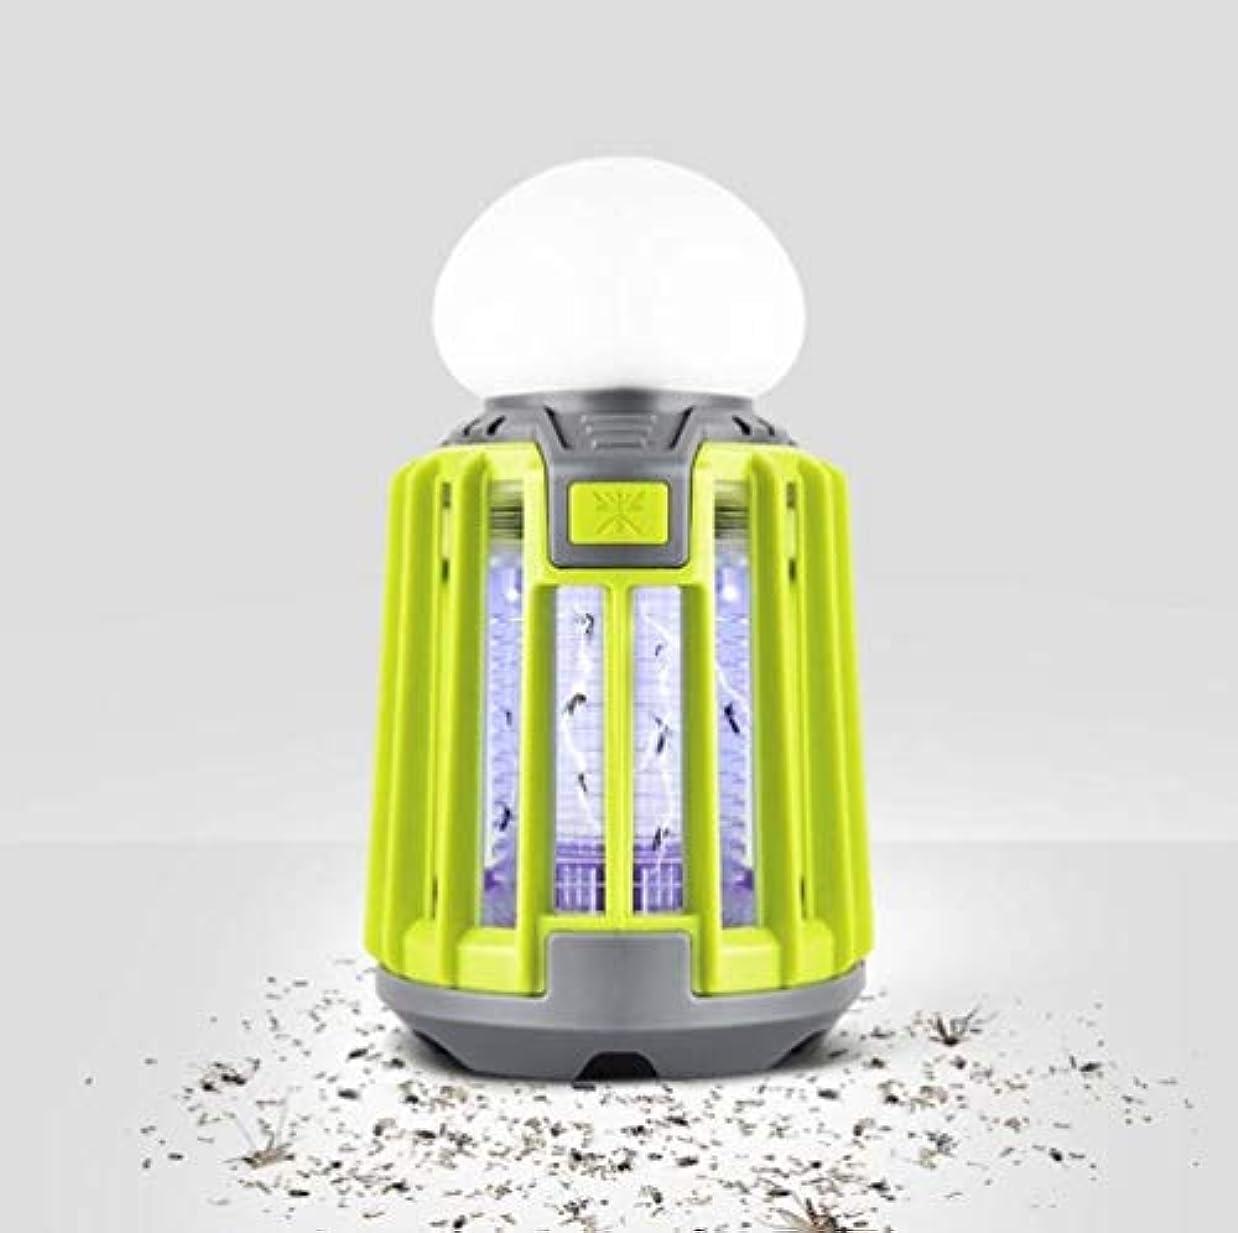 に付ける前部円形の屋外防水蚊キラーランプ、バグザッパー、USB充電光触媒蚊ランプ、超静か、無放射、ポータブル昆虫キラー、第3ギア照明